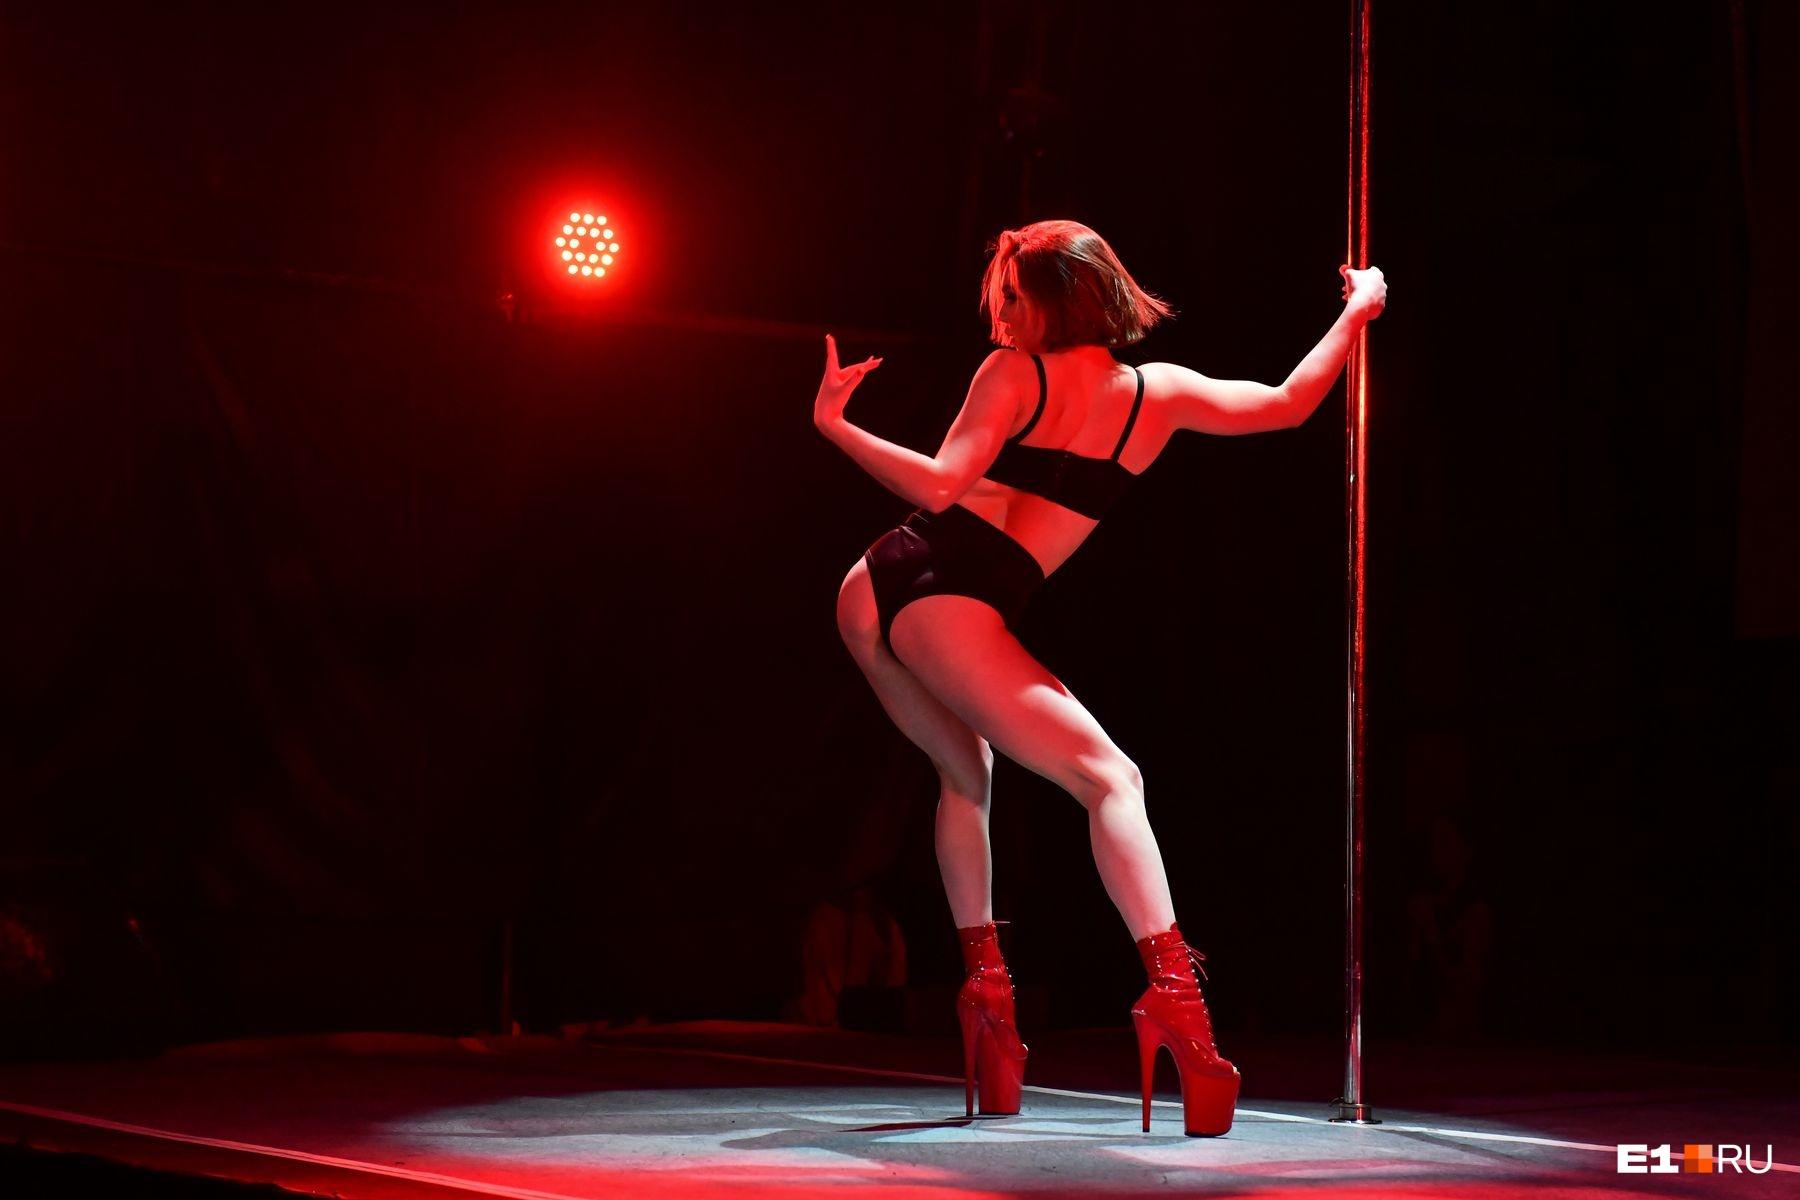 И работает по профессии, а pole dance — хобби для души